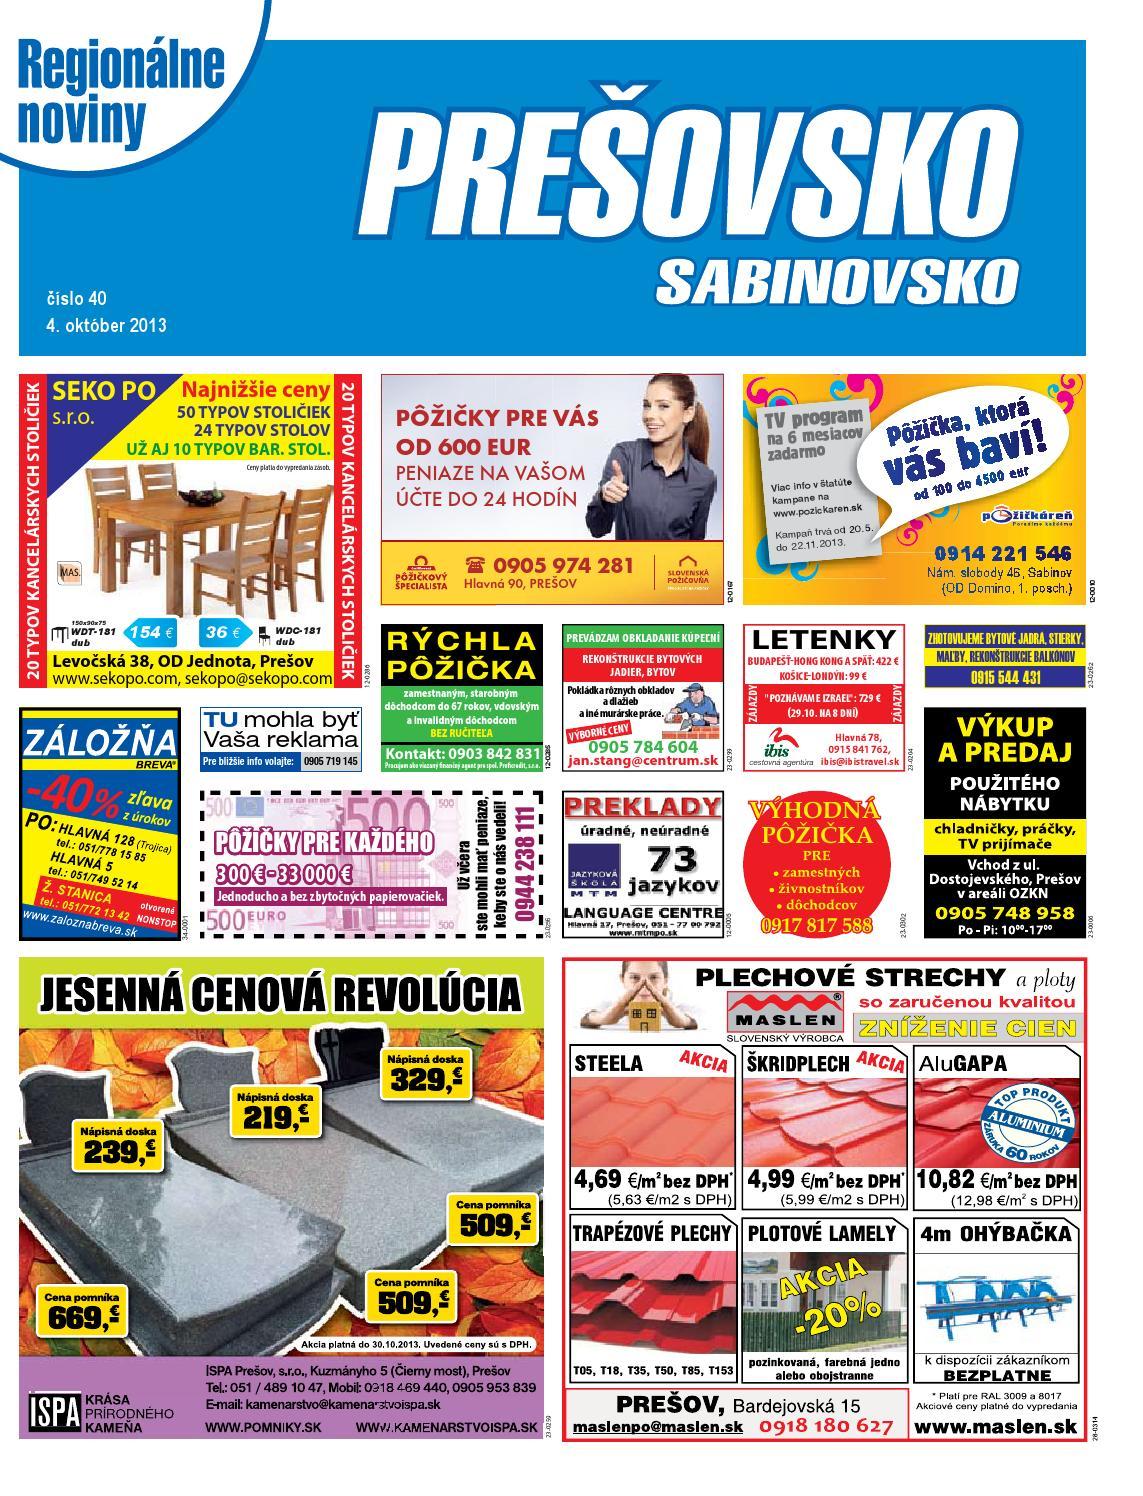 11ee356c3682 Presovsko 13-40 by presovsko presovsko - issuu